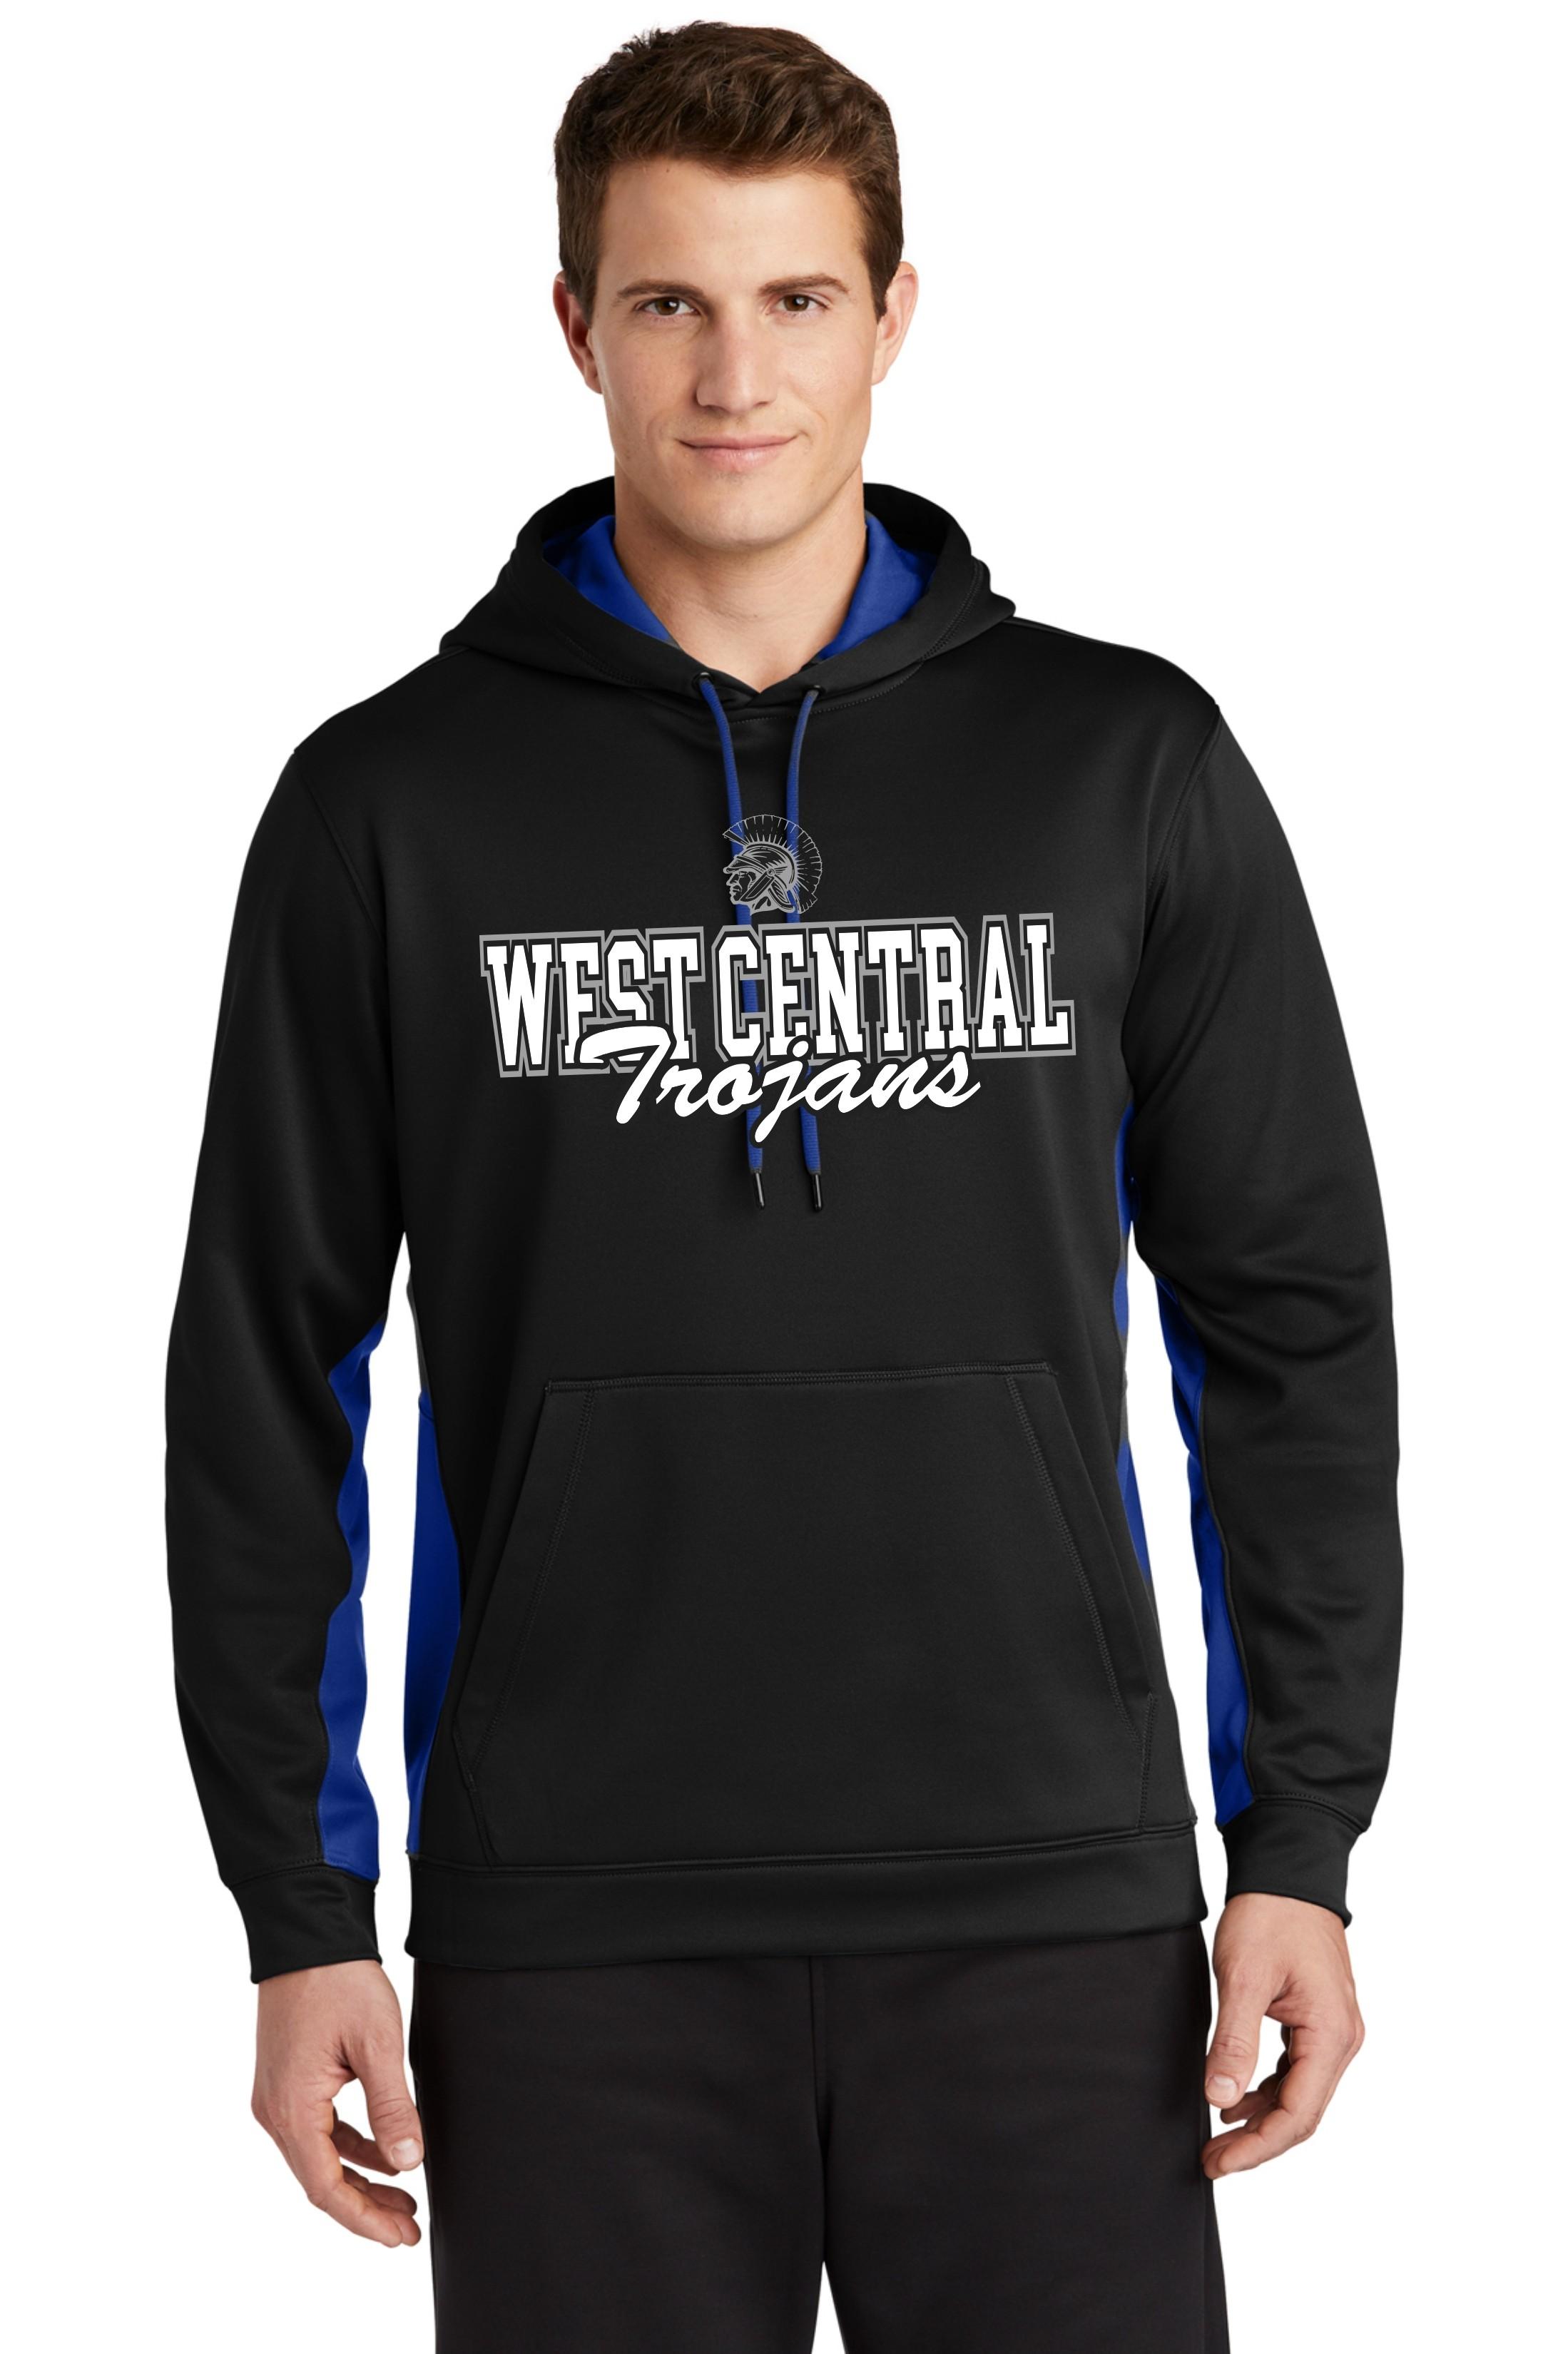 West Central Trojans Dri-Fit Hoodie